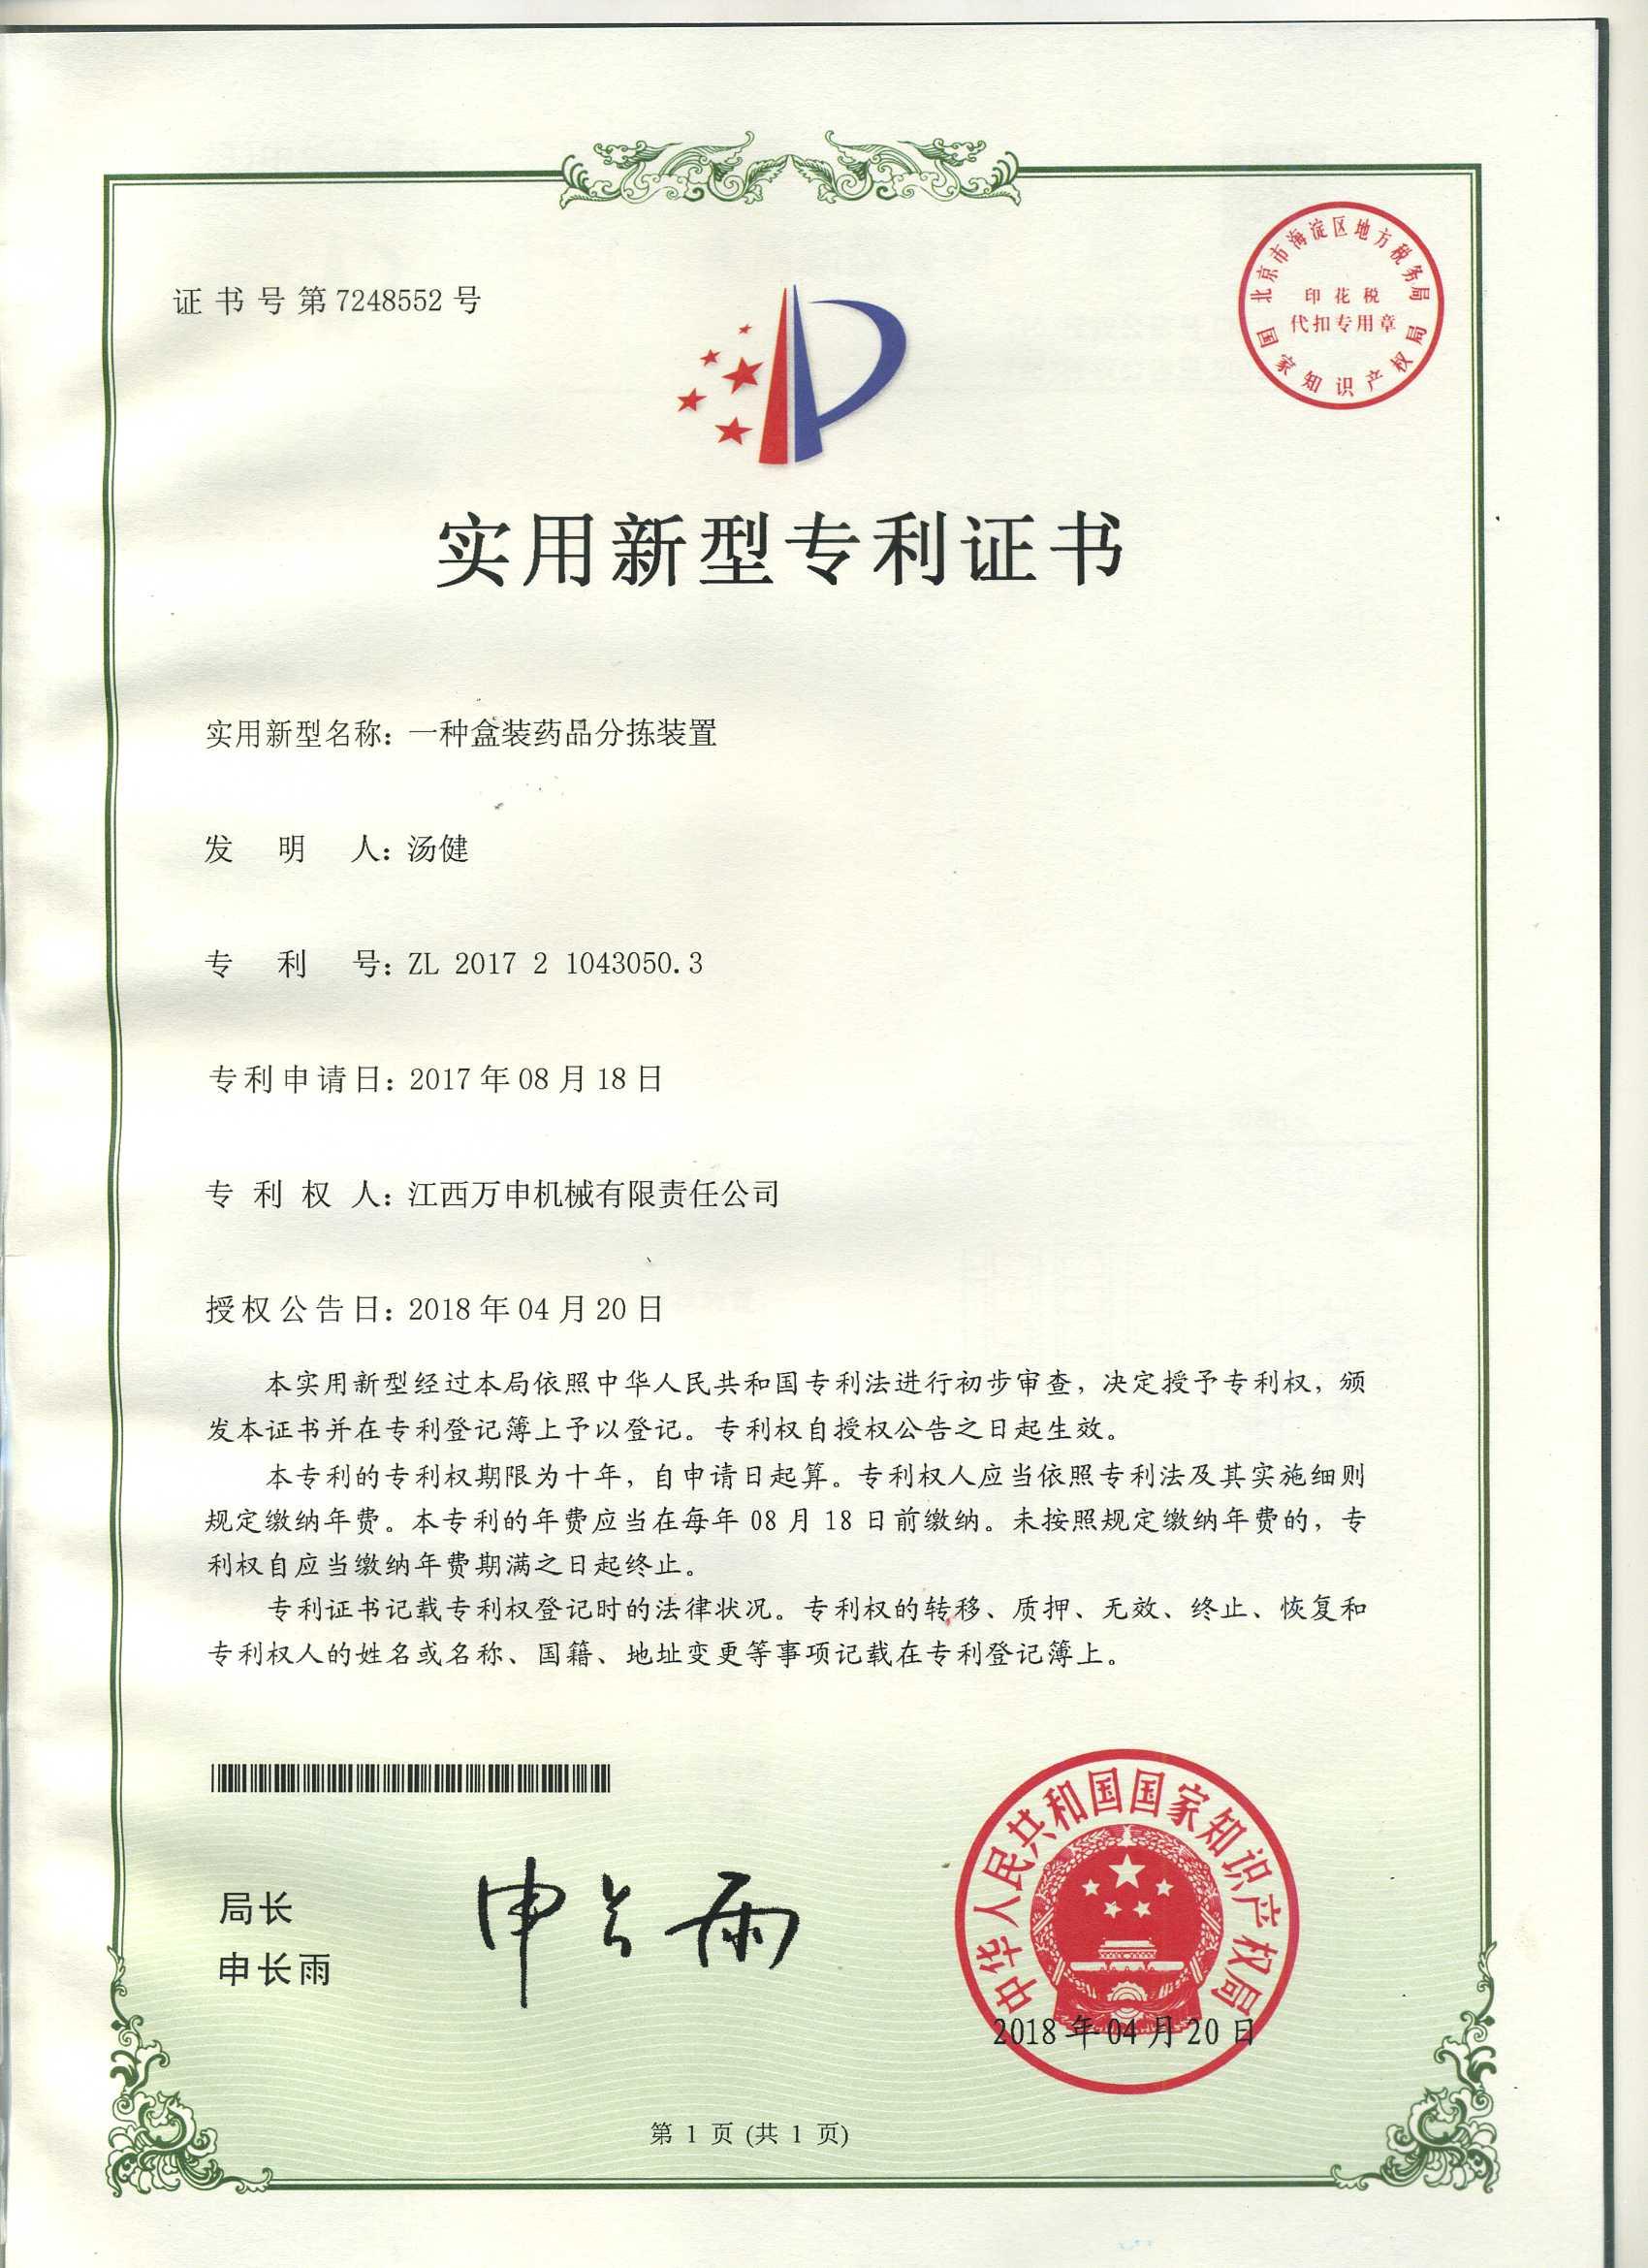 分检装置专利证书